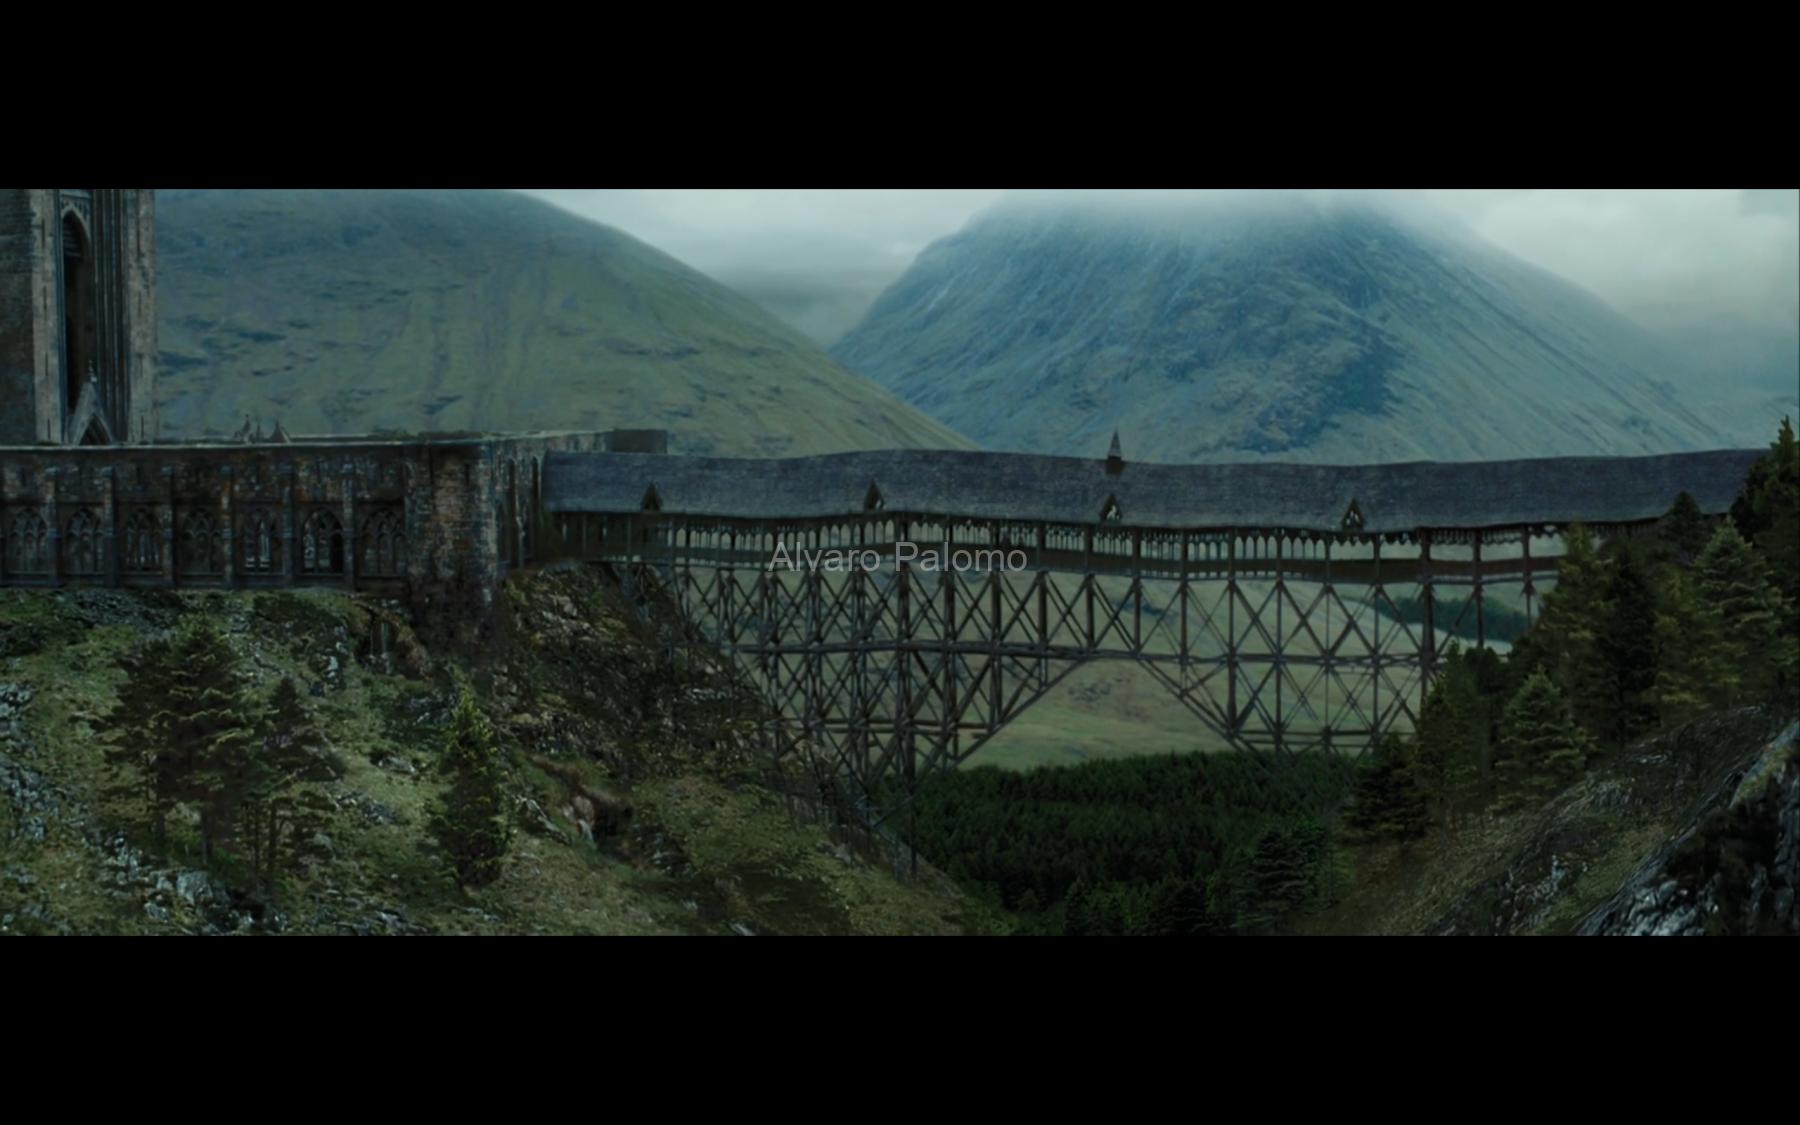 Shot 2 - Establishing shot in the bridge